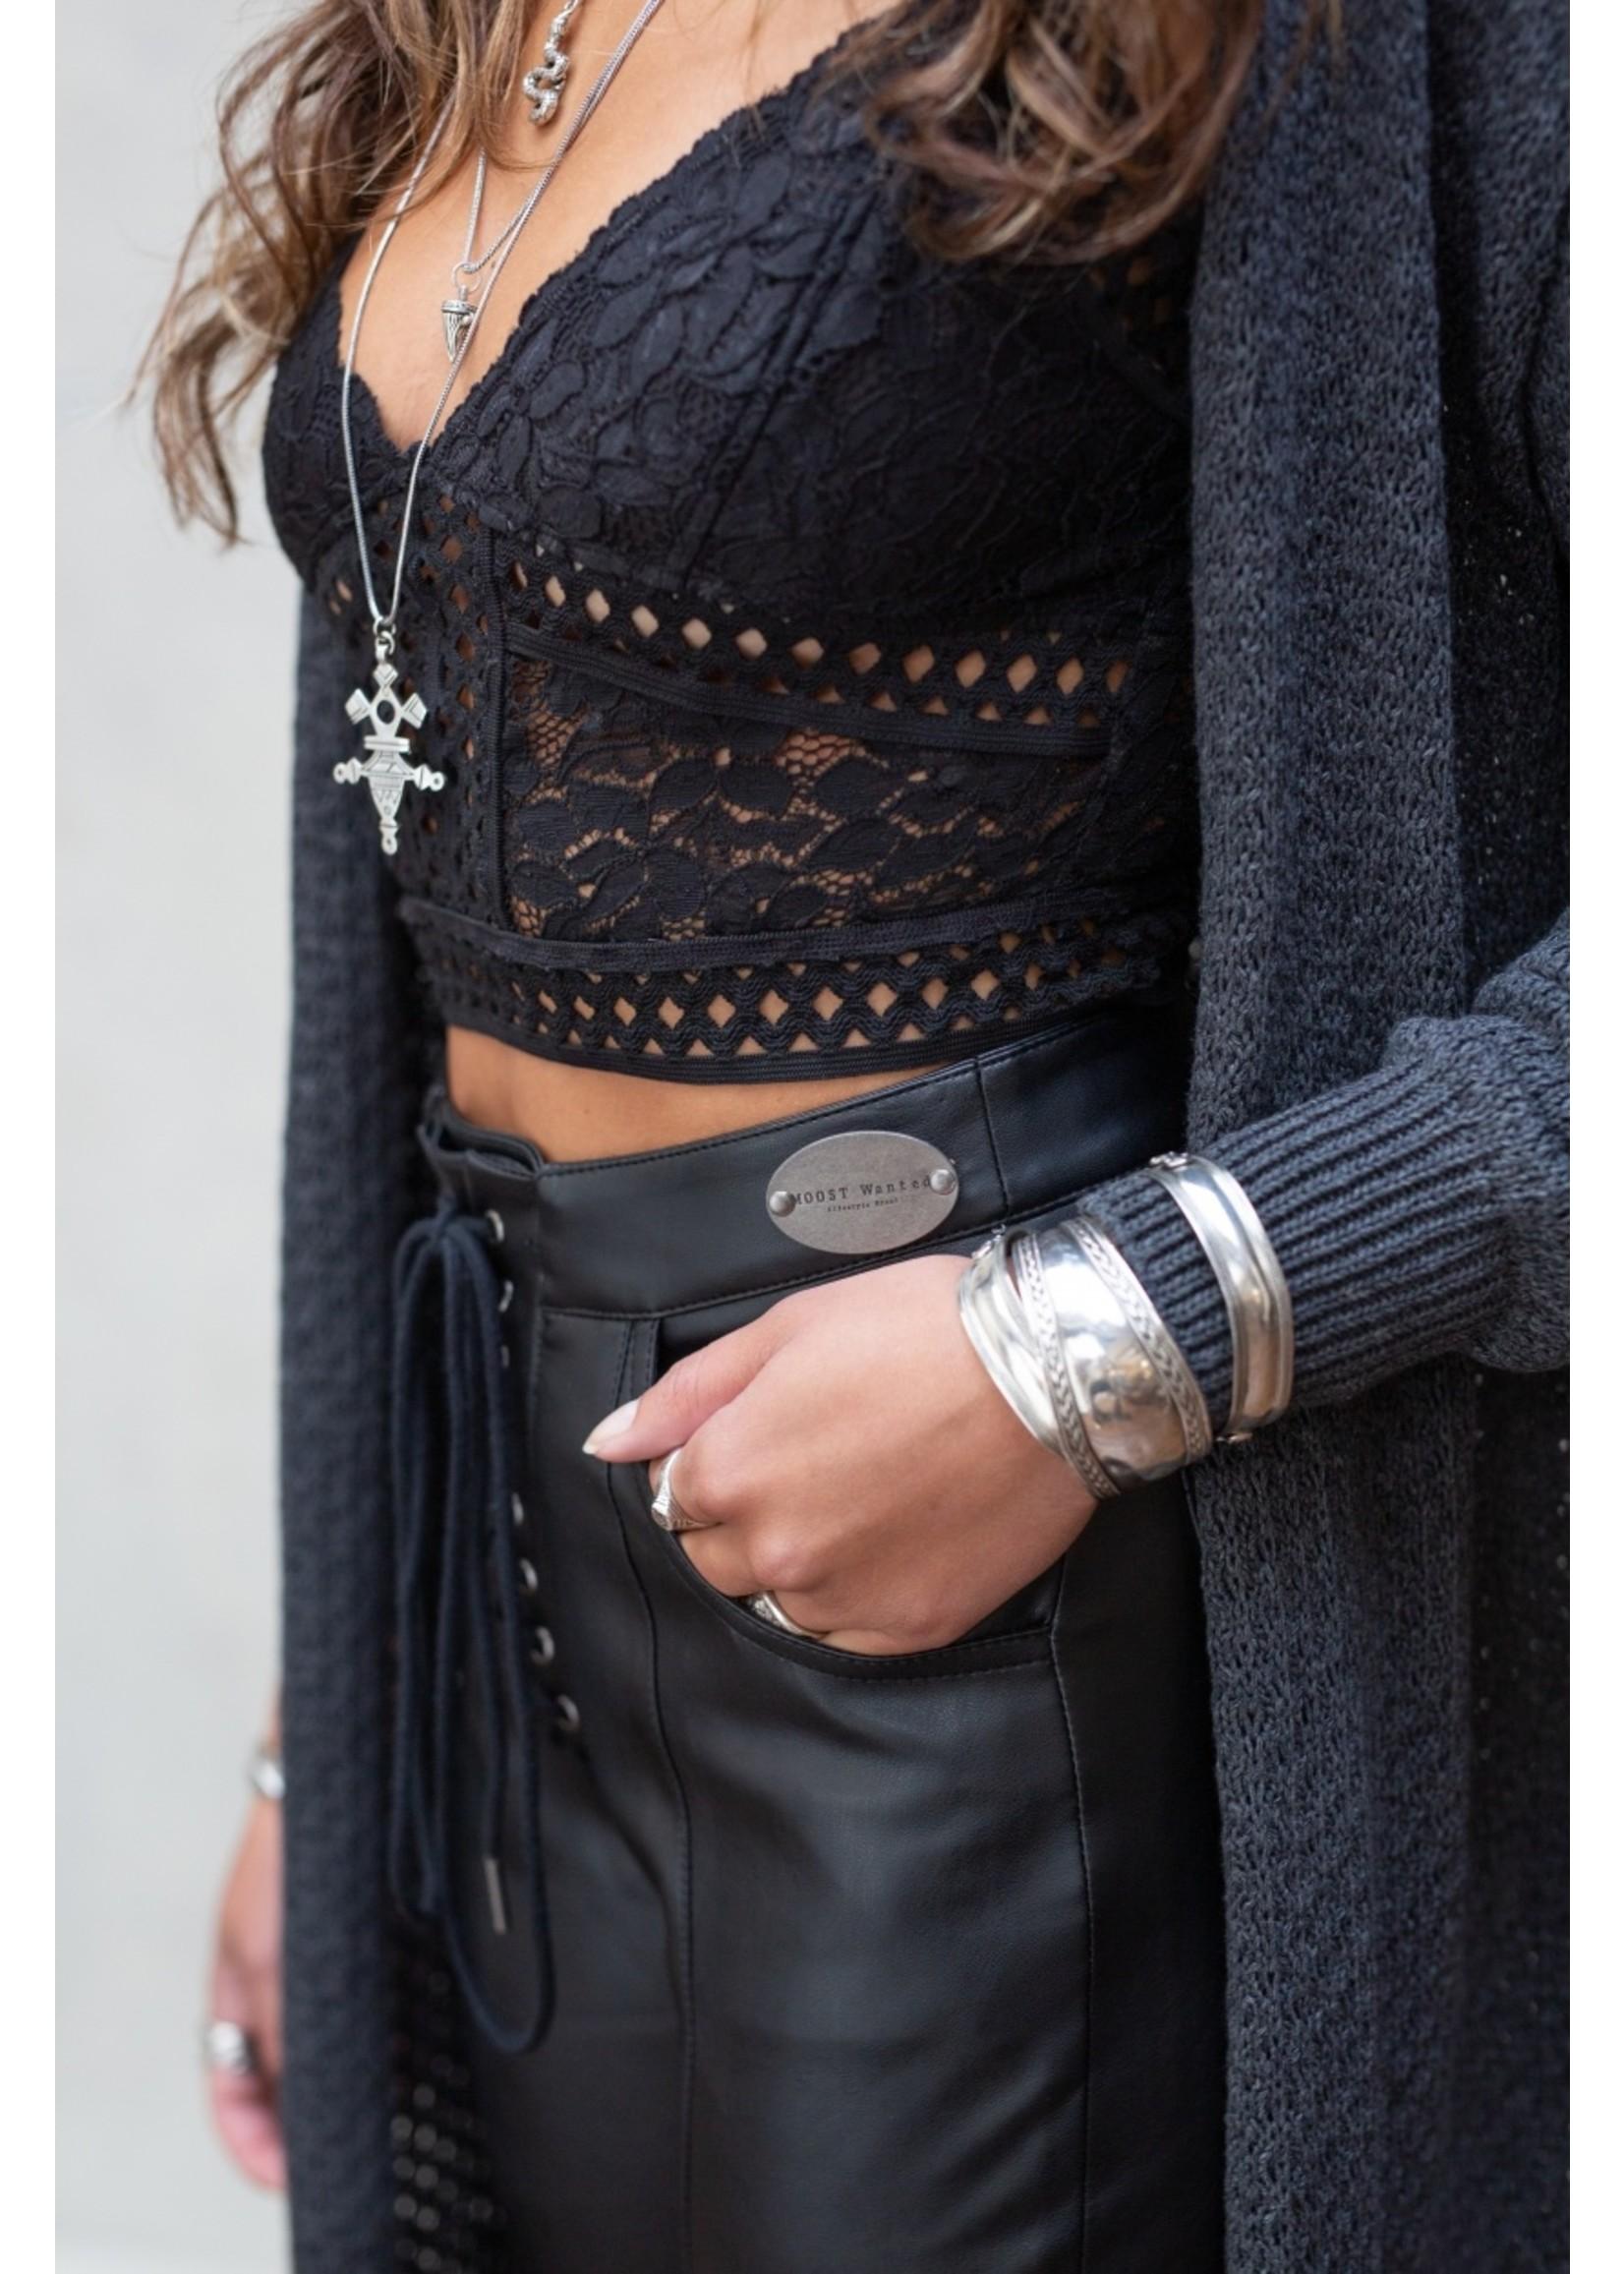 Moost Wanted Leren broek met veter detail Mystic leather pants BLACK